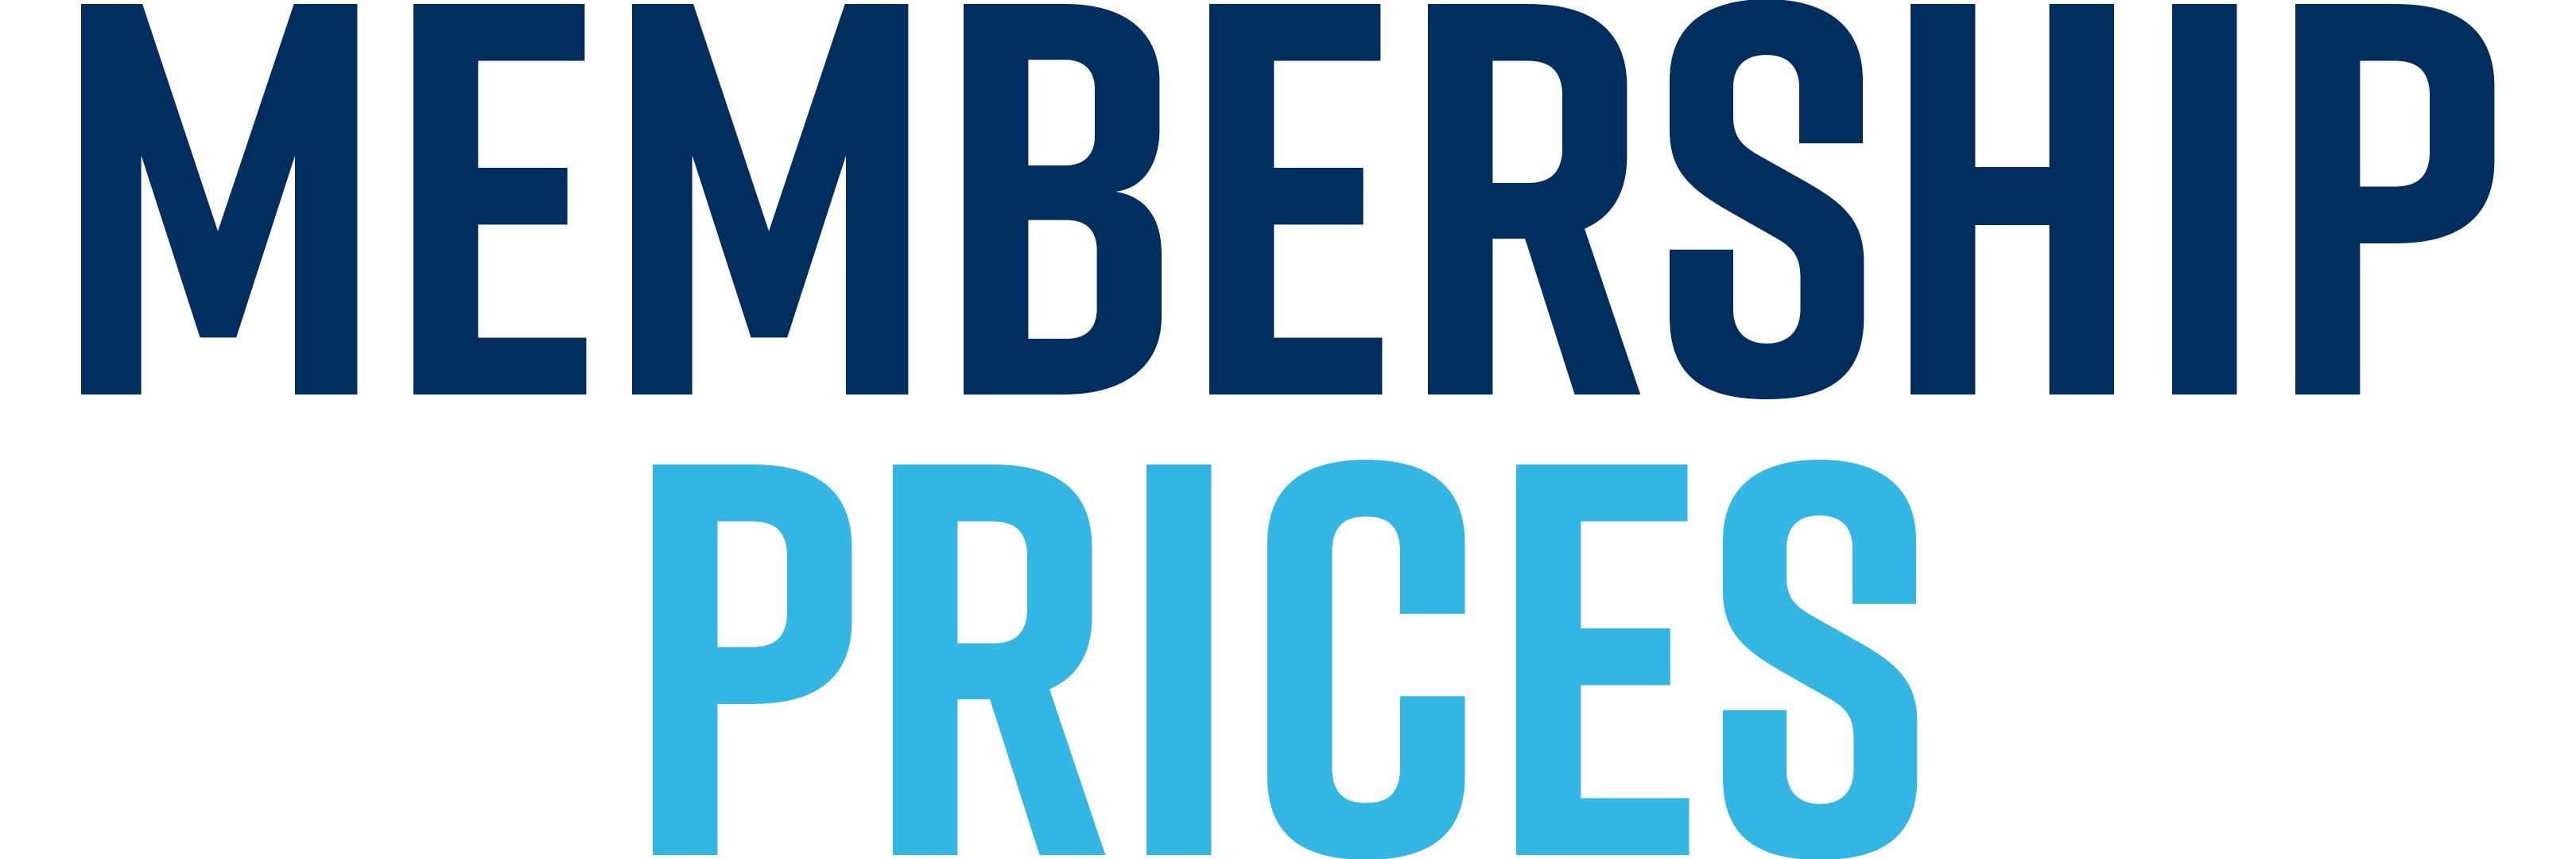 membership_prices2